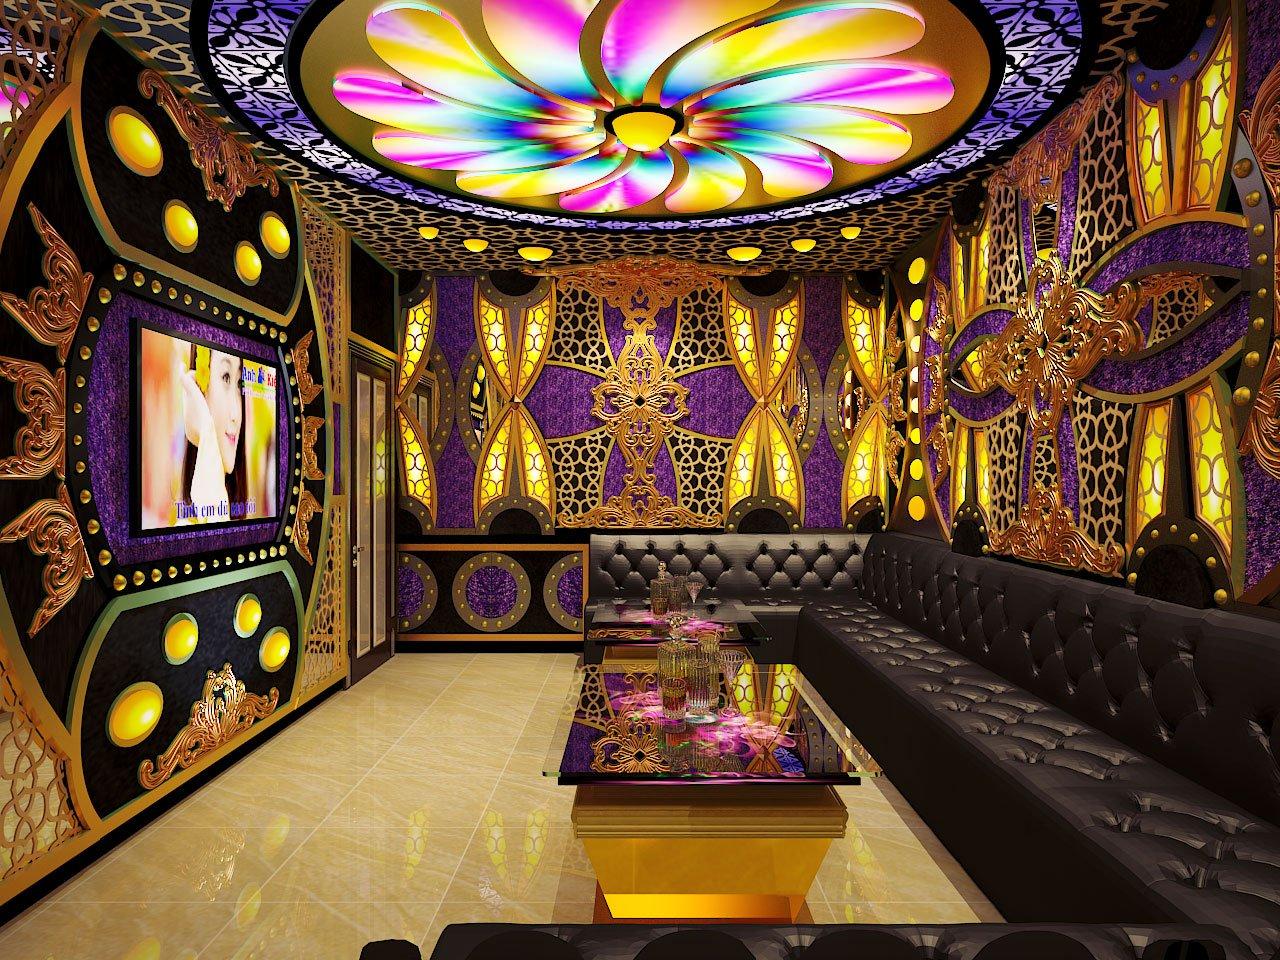 7 mẫu phòng karaoke phong cách tân cổ điển đẹp cực kỳ sang trọng